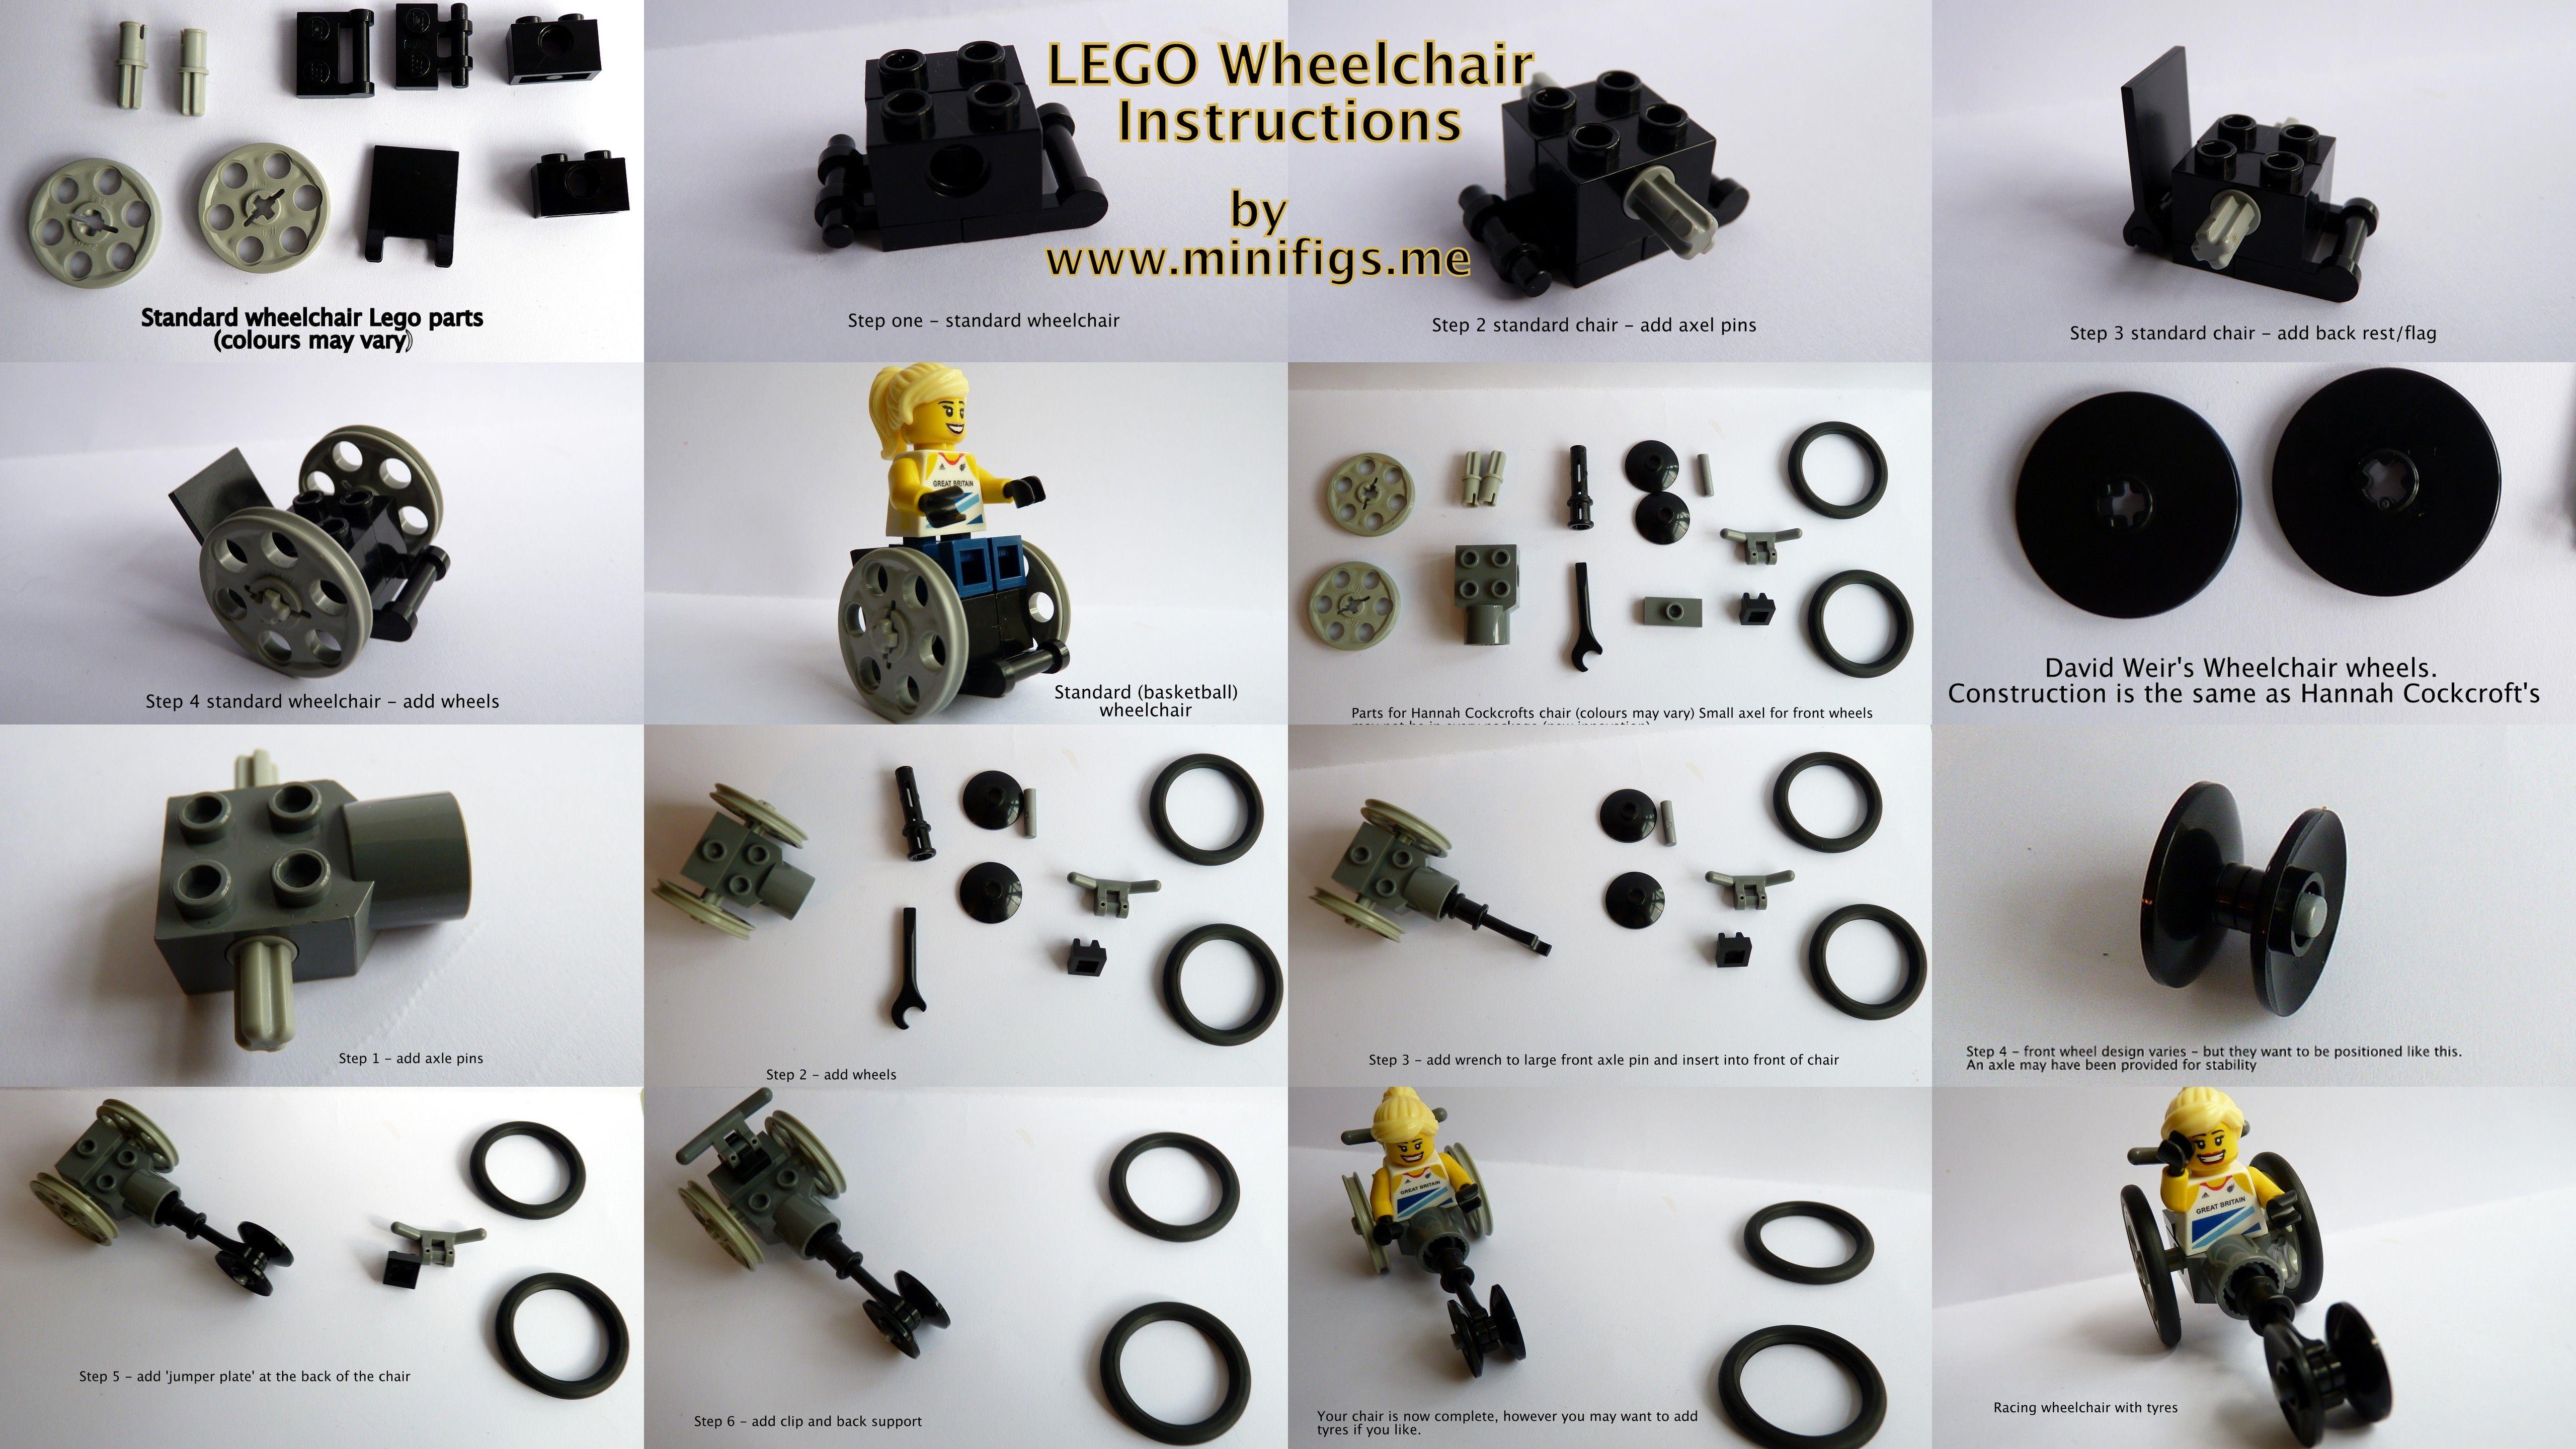 Minifigsme Lego Wheelchair Instructionsg 51202880 Lego Mini